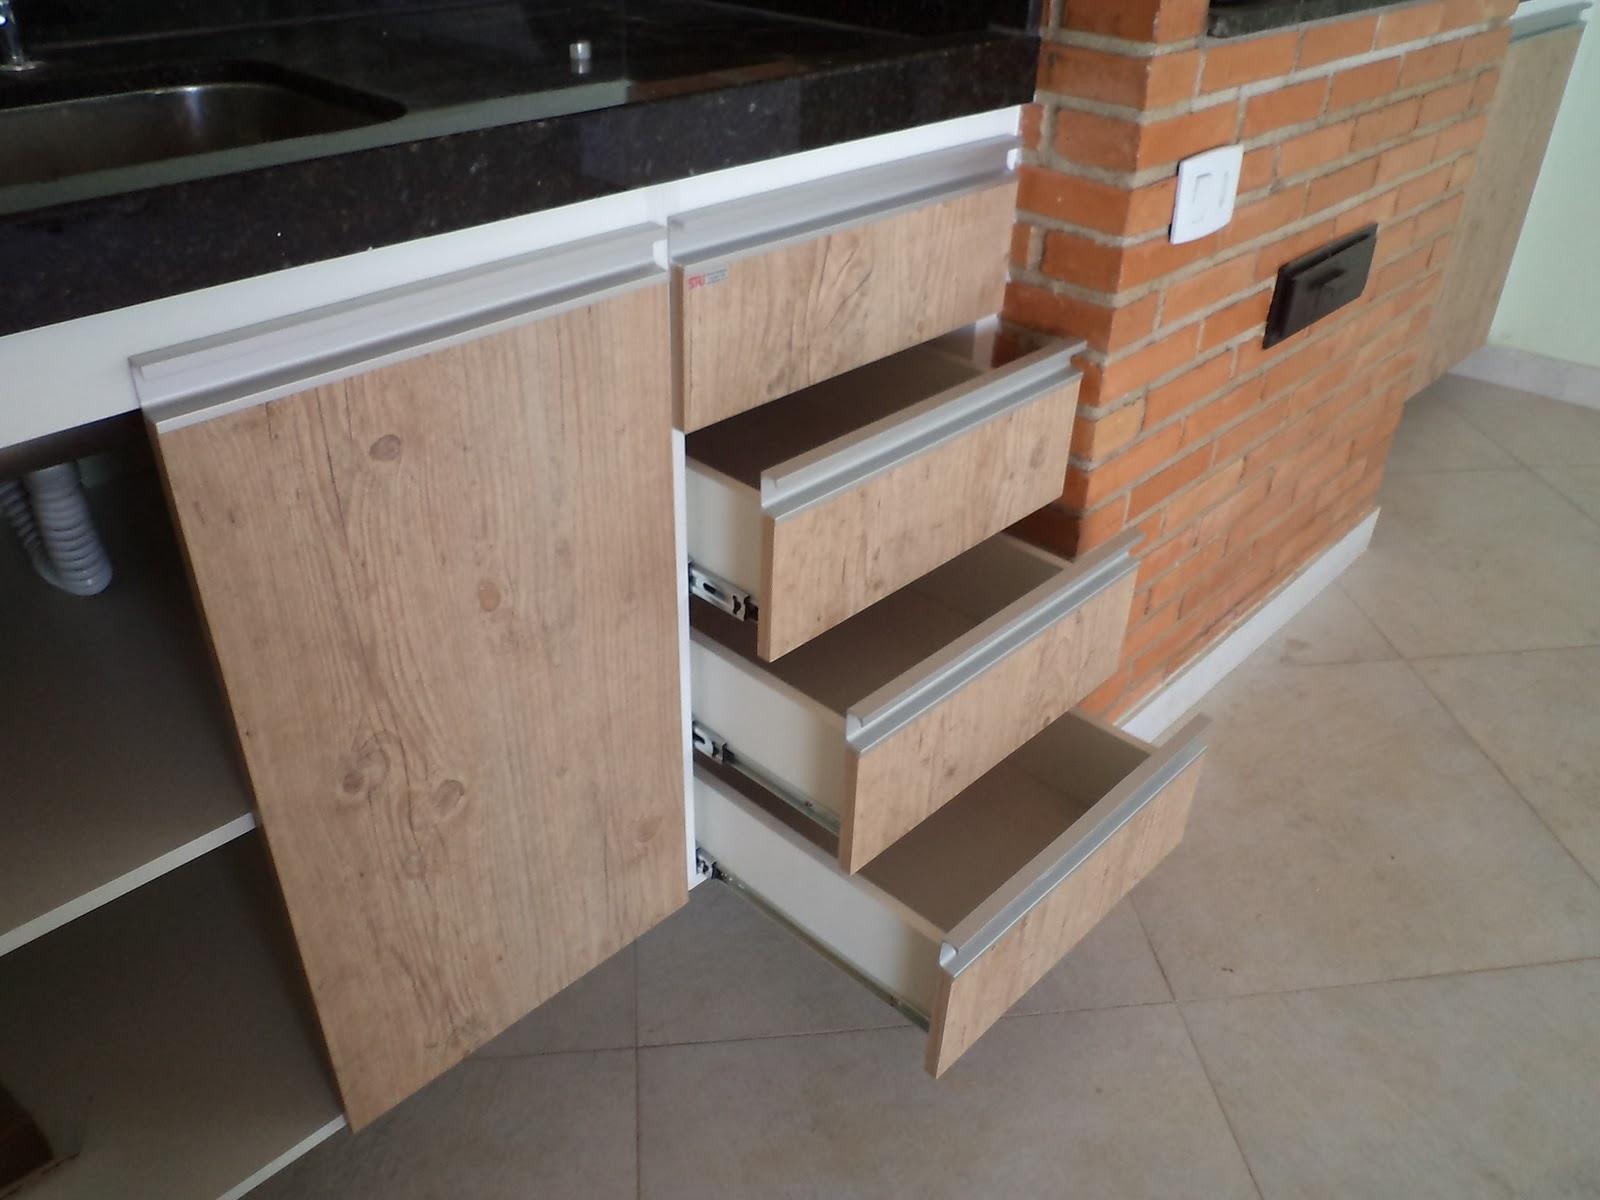 #8D5C3E quarta feira 25 de janeiro de 2012 1600x1200 px Projetos De Cozinha Externa_5445 Imagens